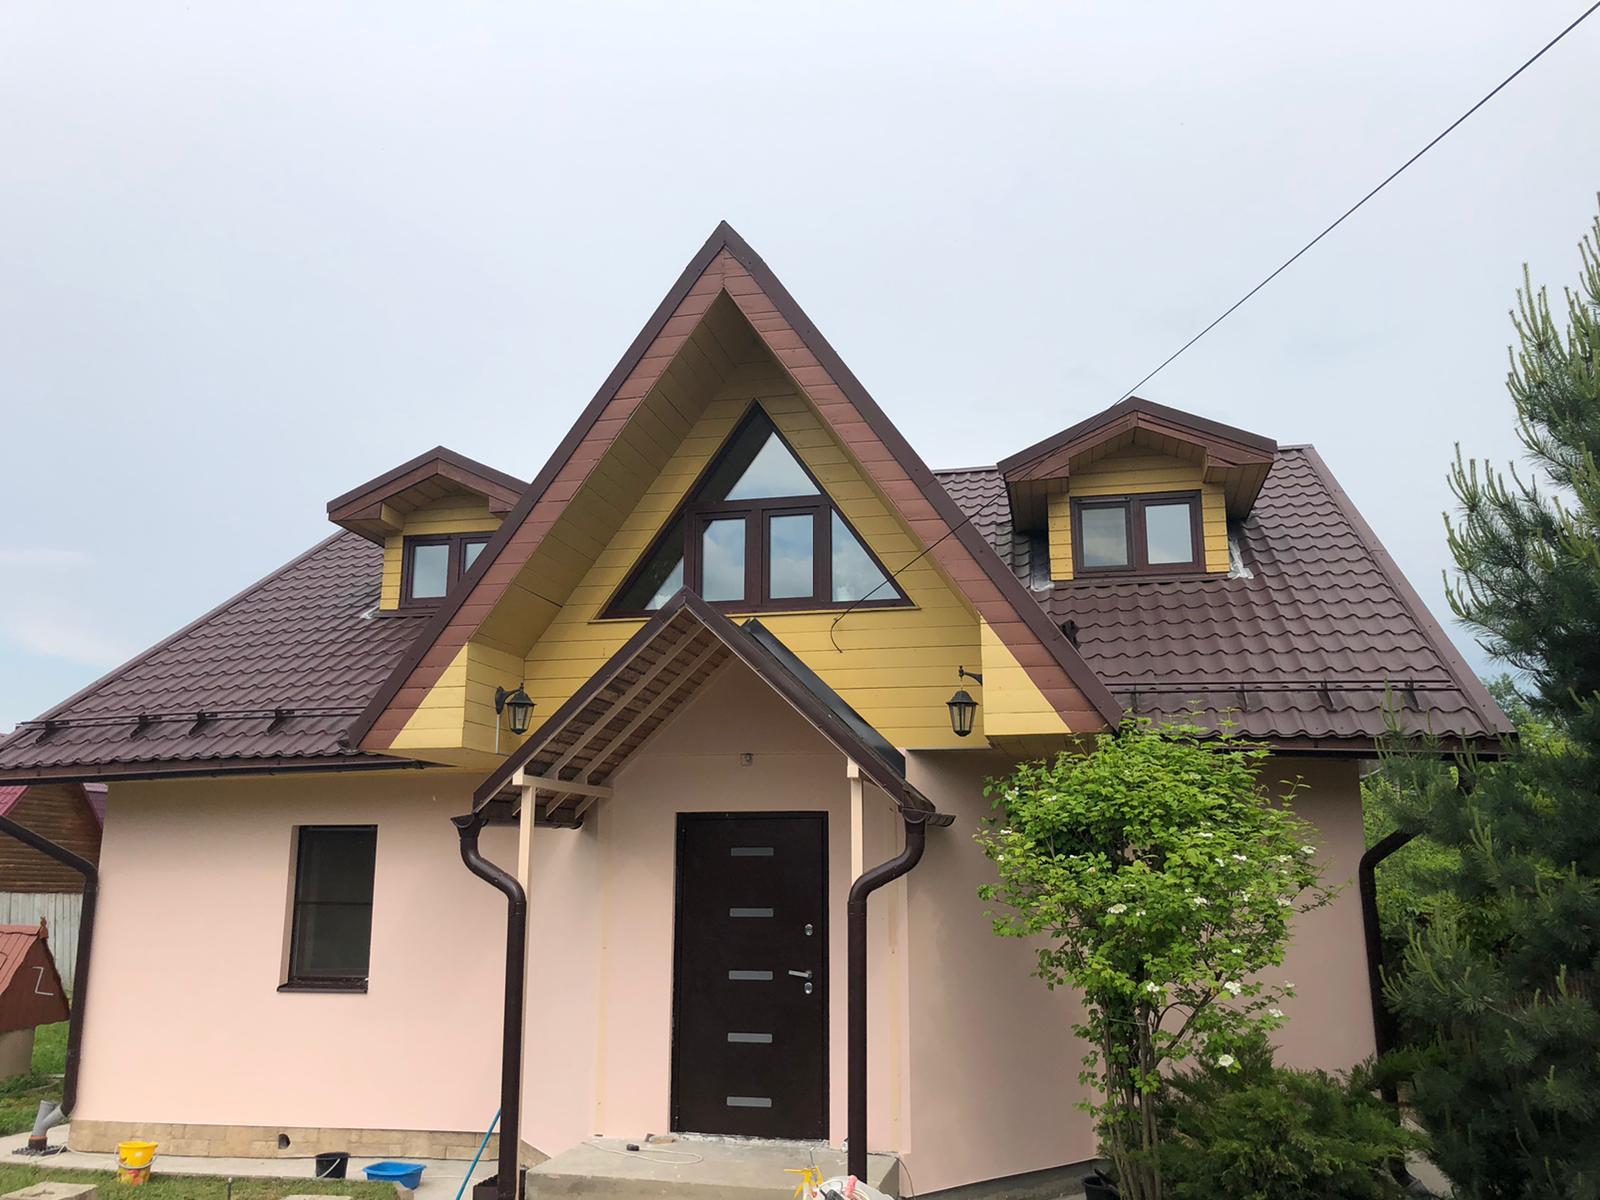 Законченные фасадные работы в поселке Вороновское деревня Новогромово